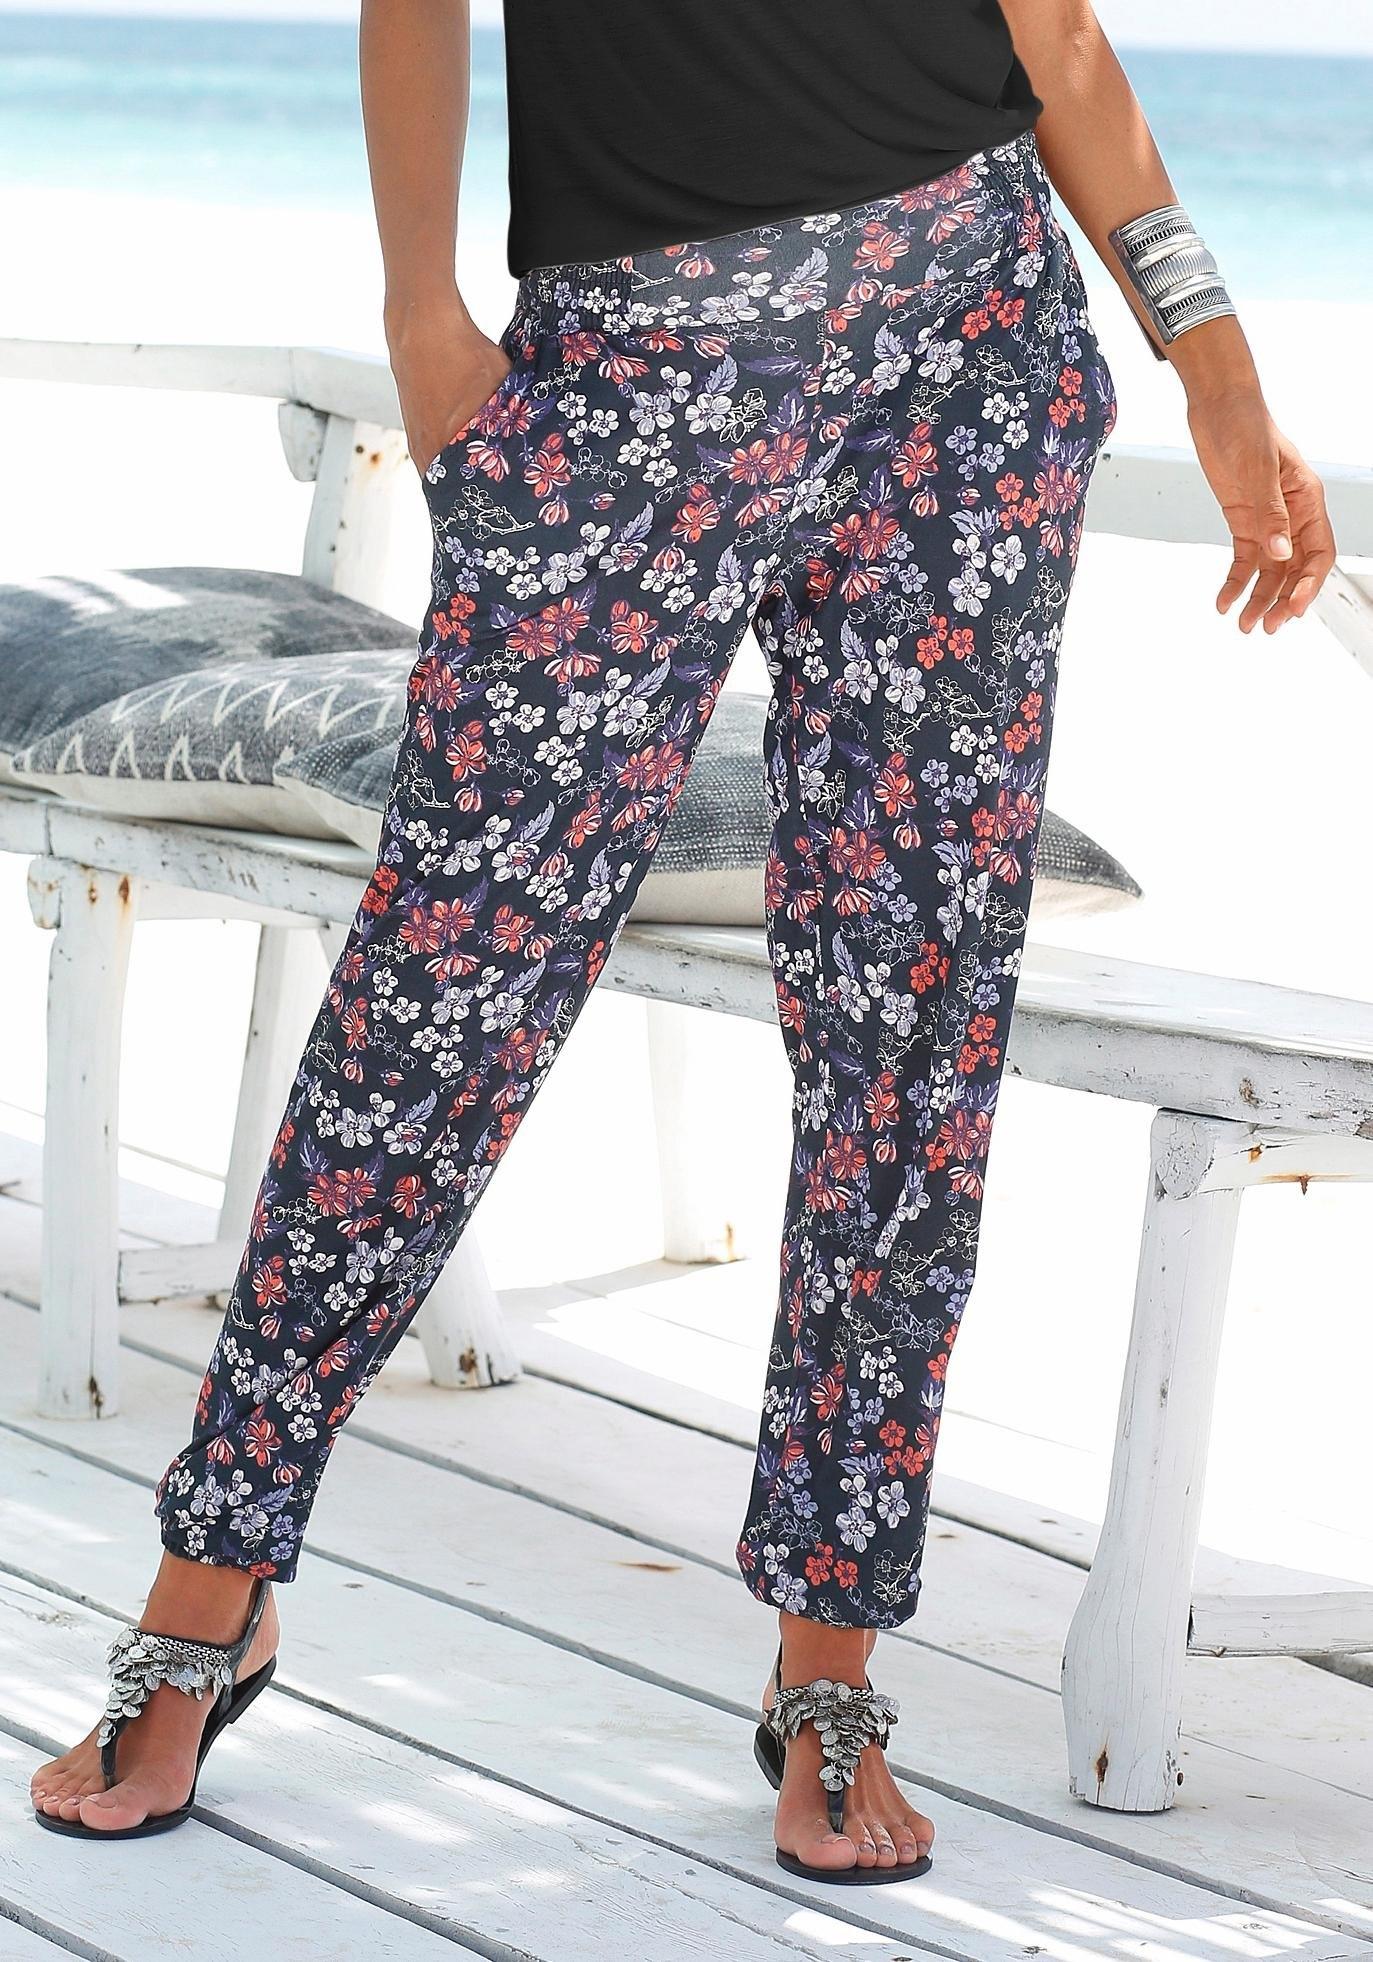 s.Oliver RED LABEL Beachwear strandbroek met bloemenprint bij Lascana online kopen